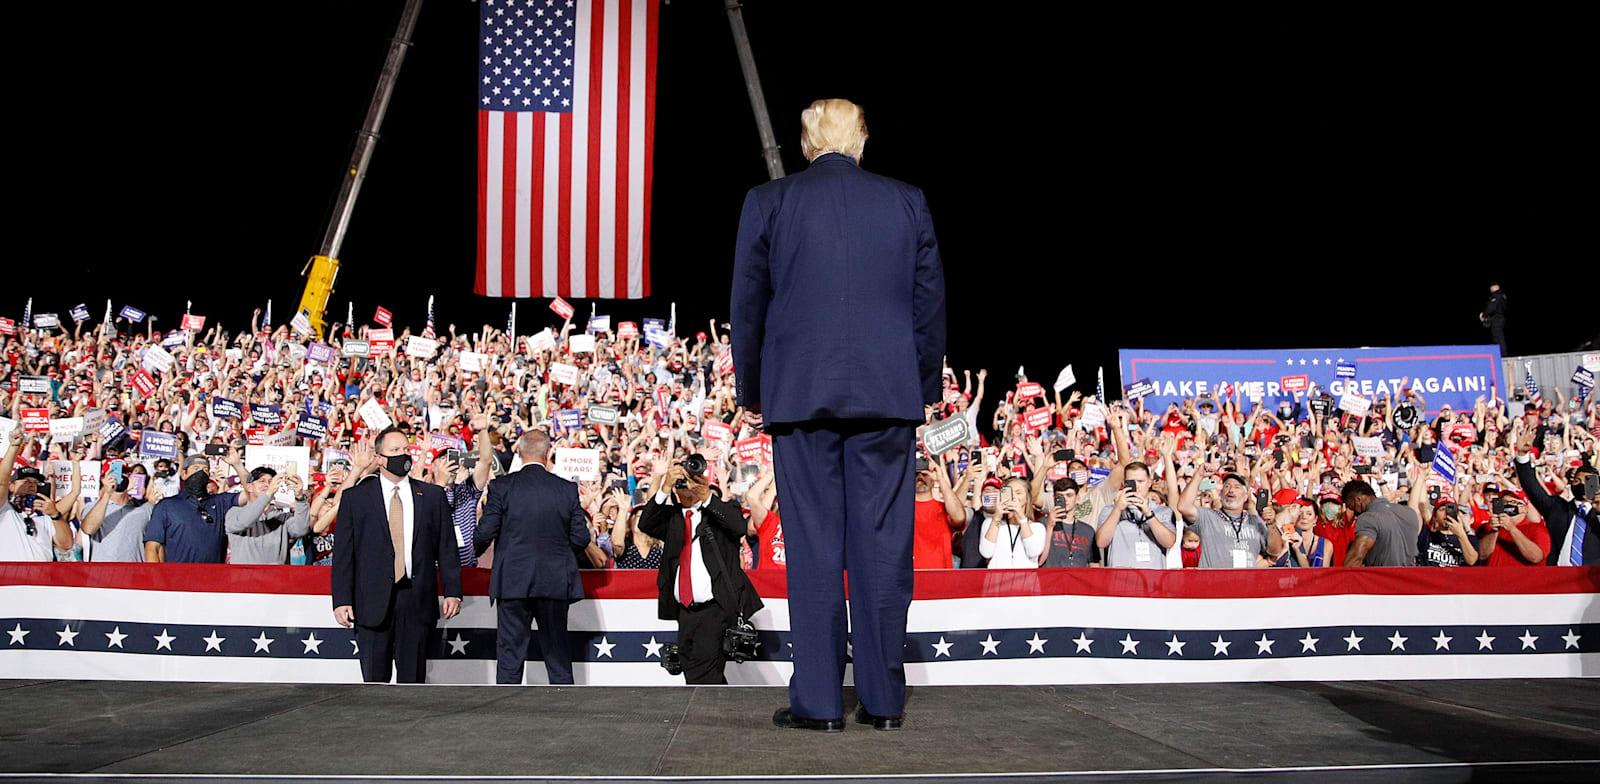 """דונלד טראמפ, נשיא ארה""""ב, בעצרת בחירות בקרולינה הצפונית / צילום: רויטרס, TOM BRENNER"""